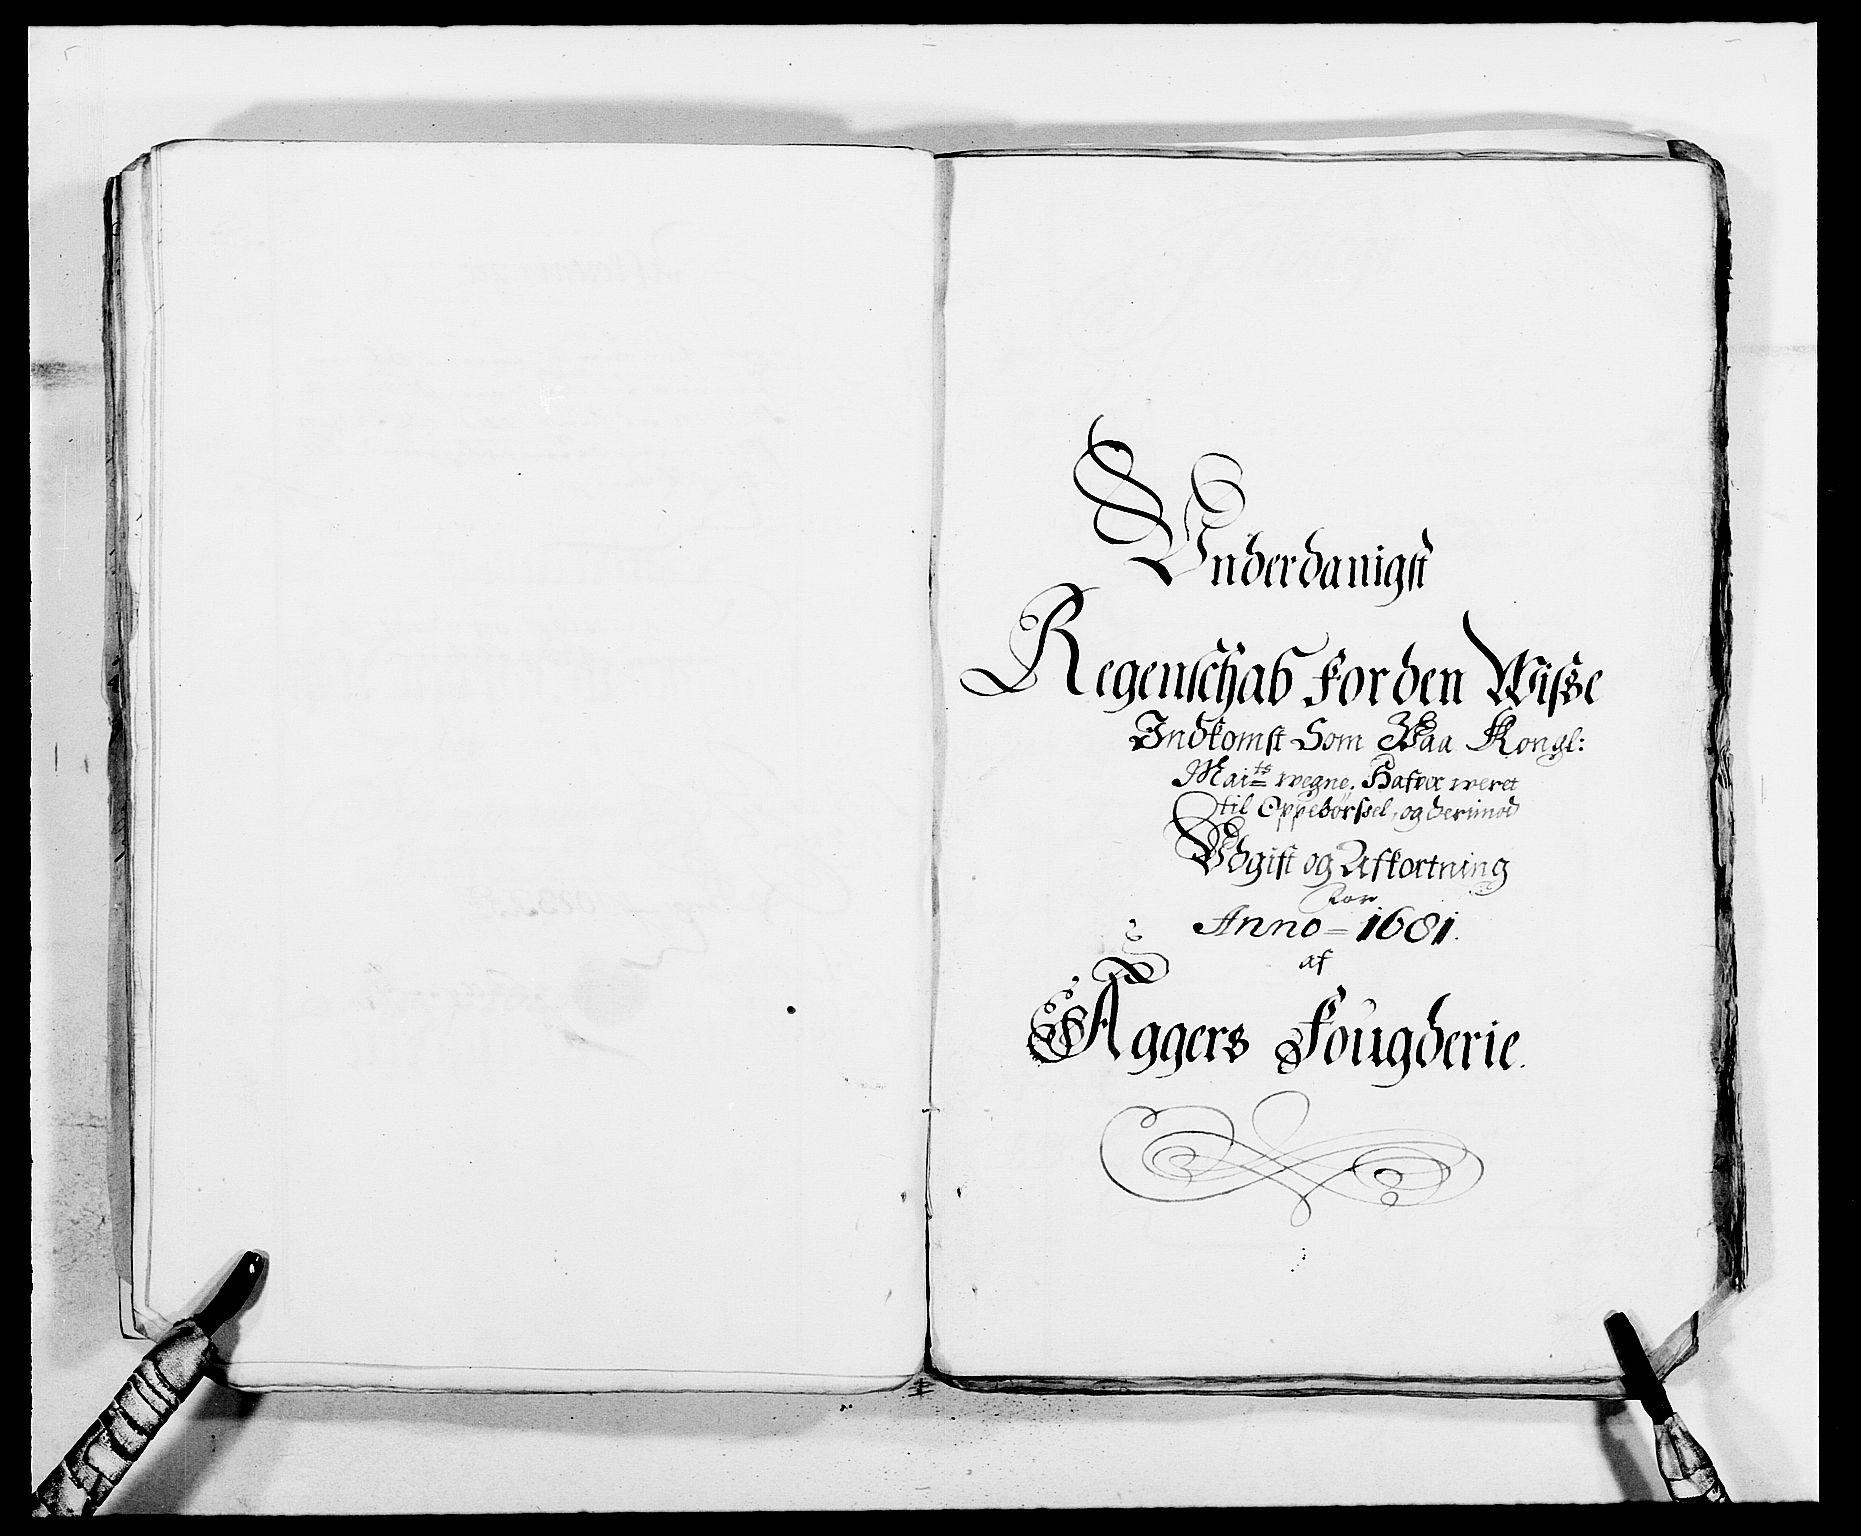 RA, Rentekammeret inntil 1814, Reviderte regnskaper, Fogderegnskap, R08/L0416: Fogderegnskap Aker, 1678-1681, s. 38